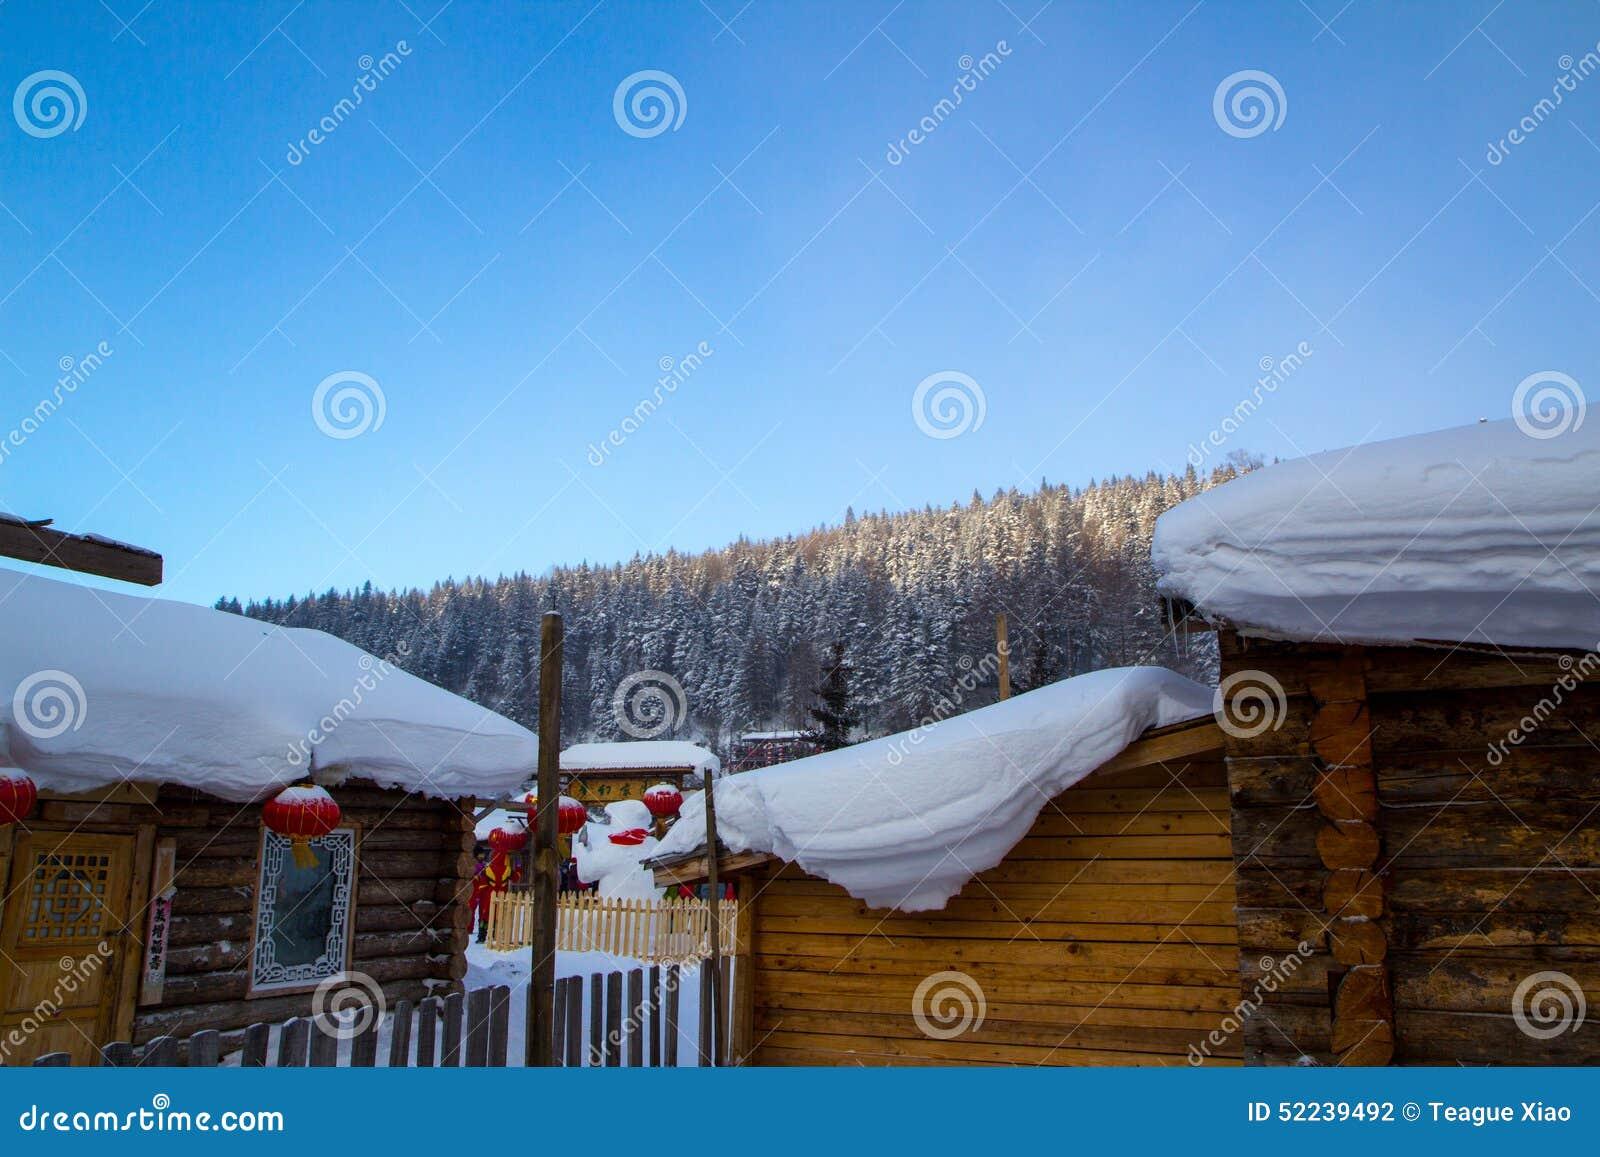 Sneeuwdorp